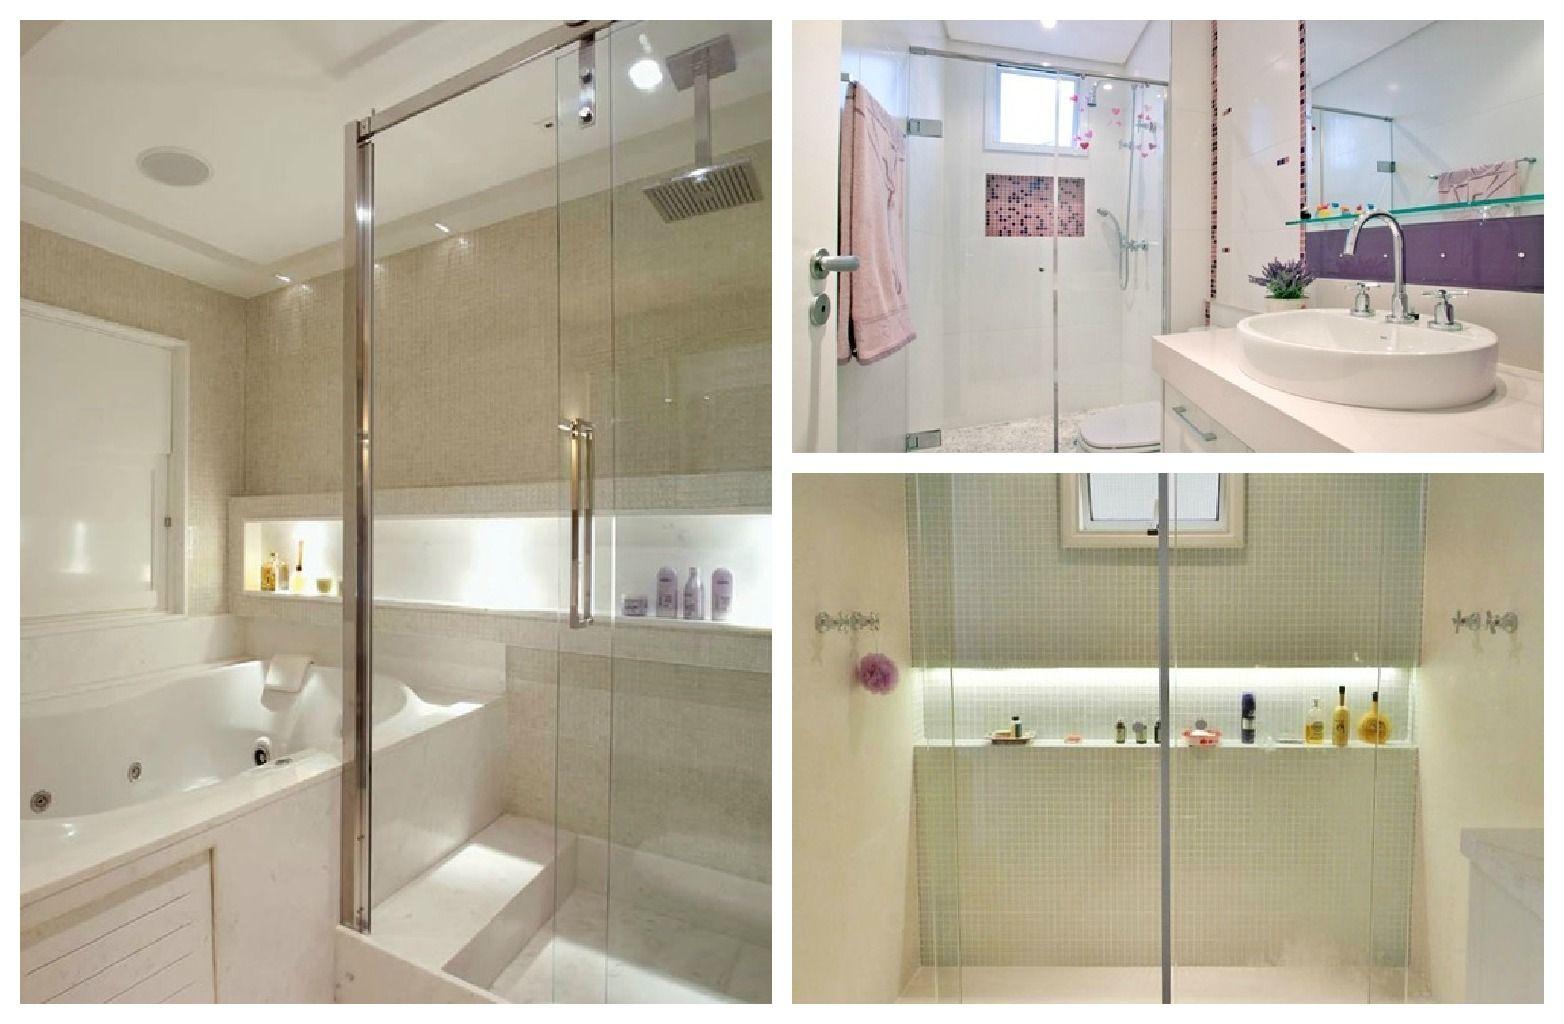 nicho banheiro altura  Pesquisa Google  Banheiros e Lavabos  Pinterest -> Nicho Para Shampoo Banheiro